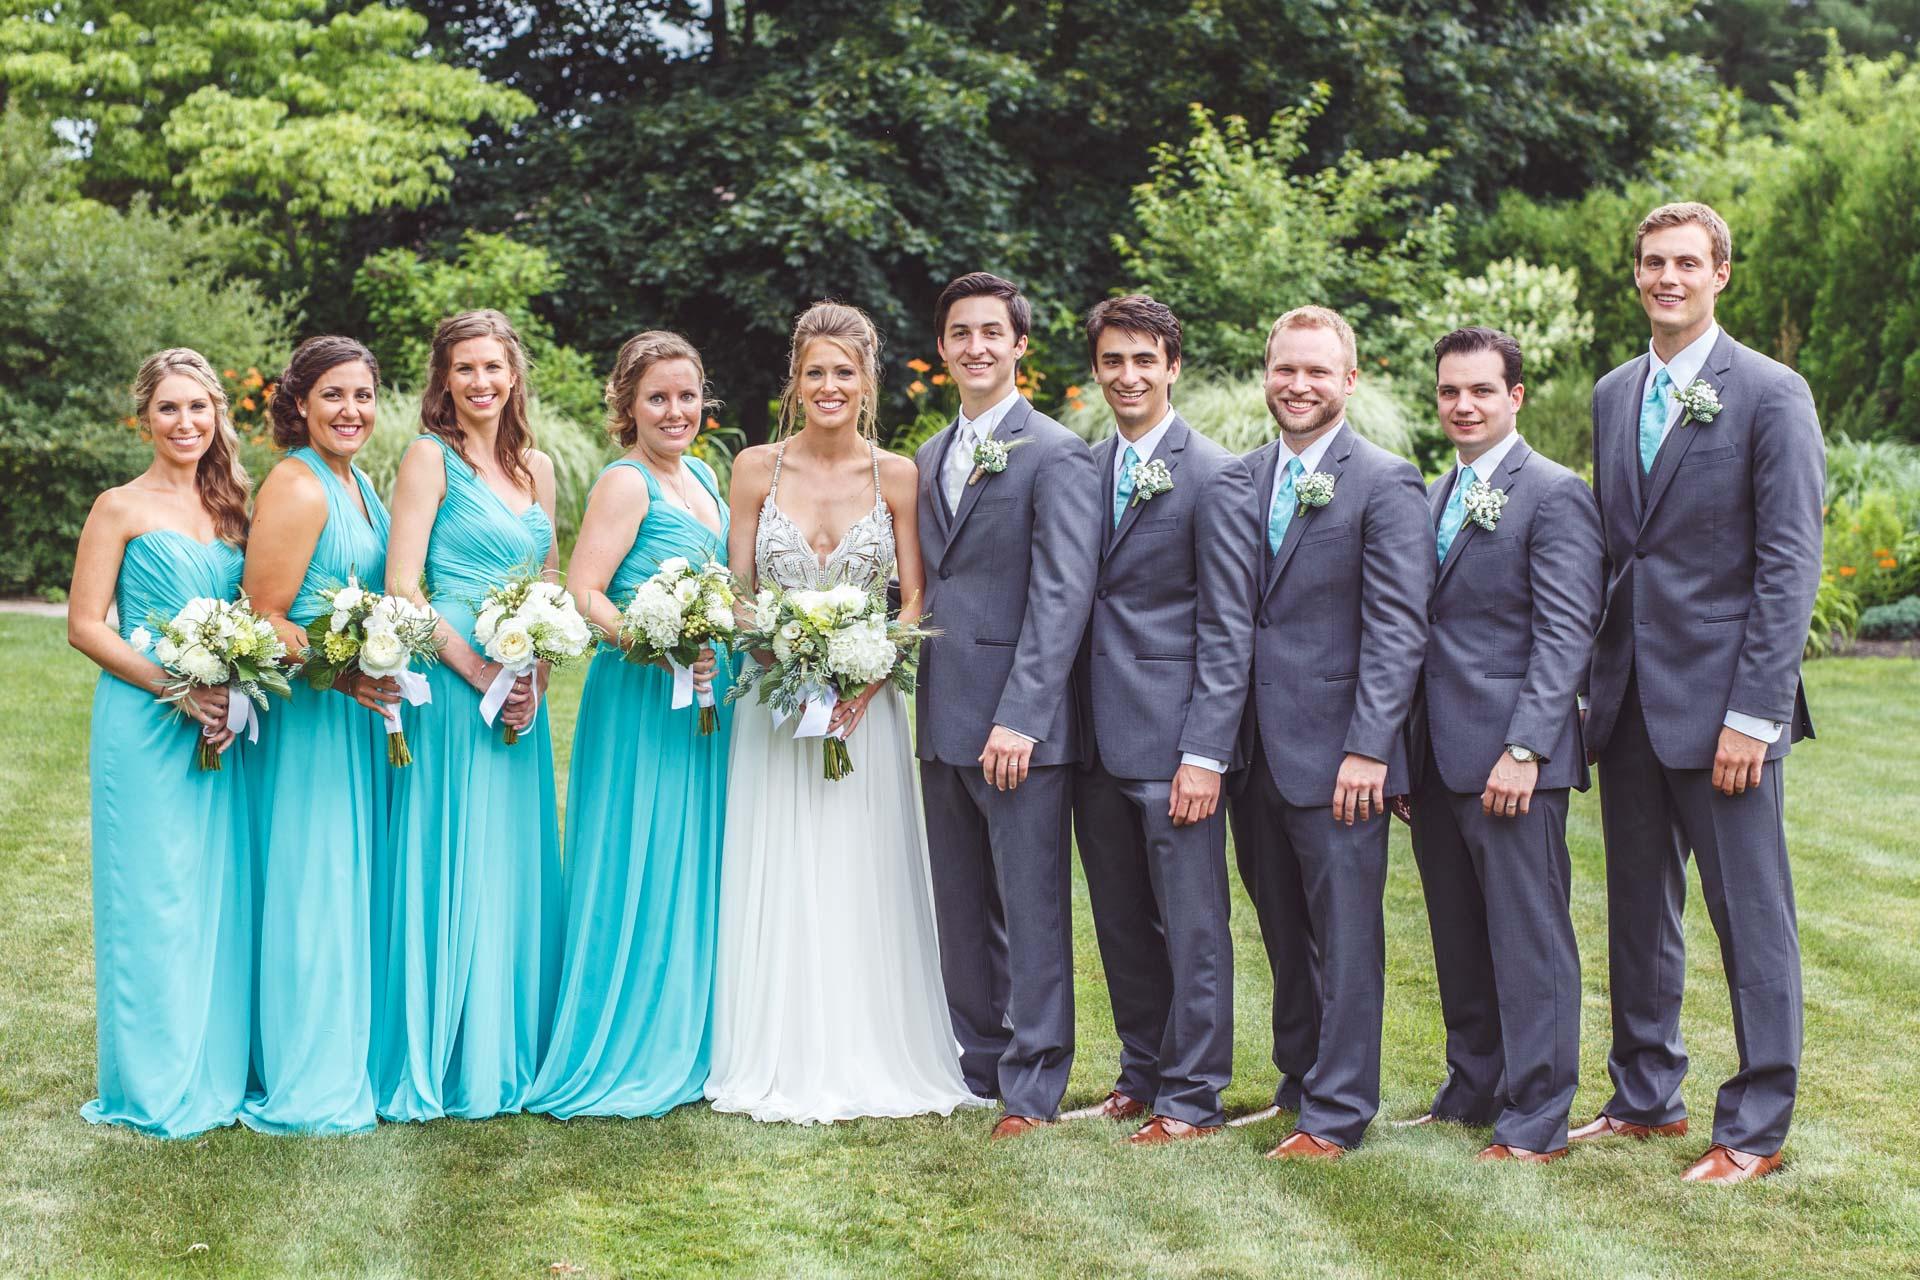 Farmington-Gardens-Wedding-Photos+(36+of+66).jpg